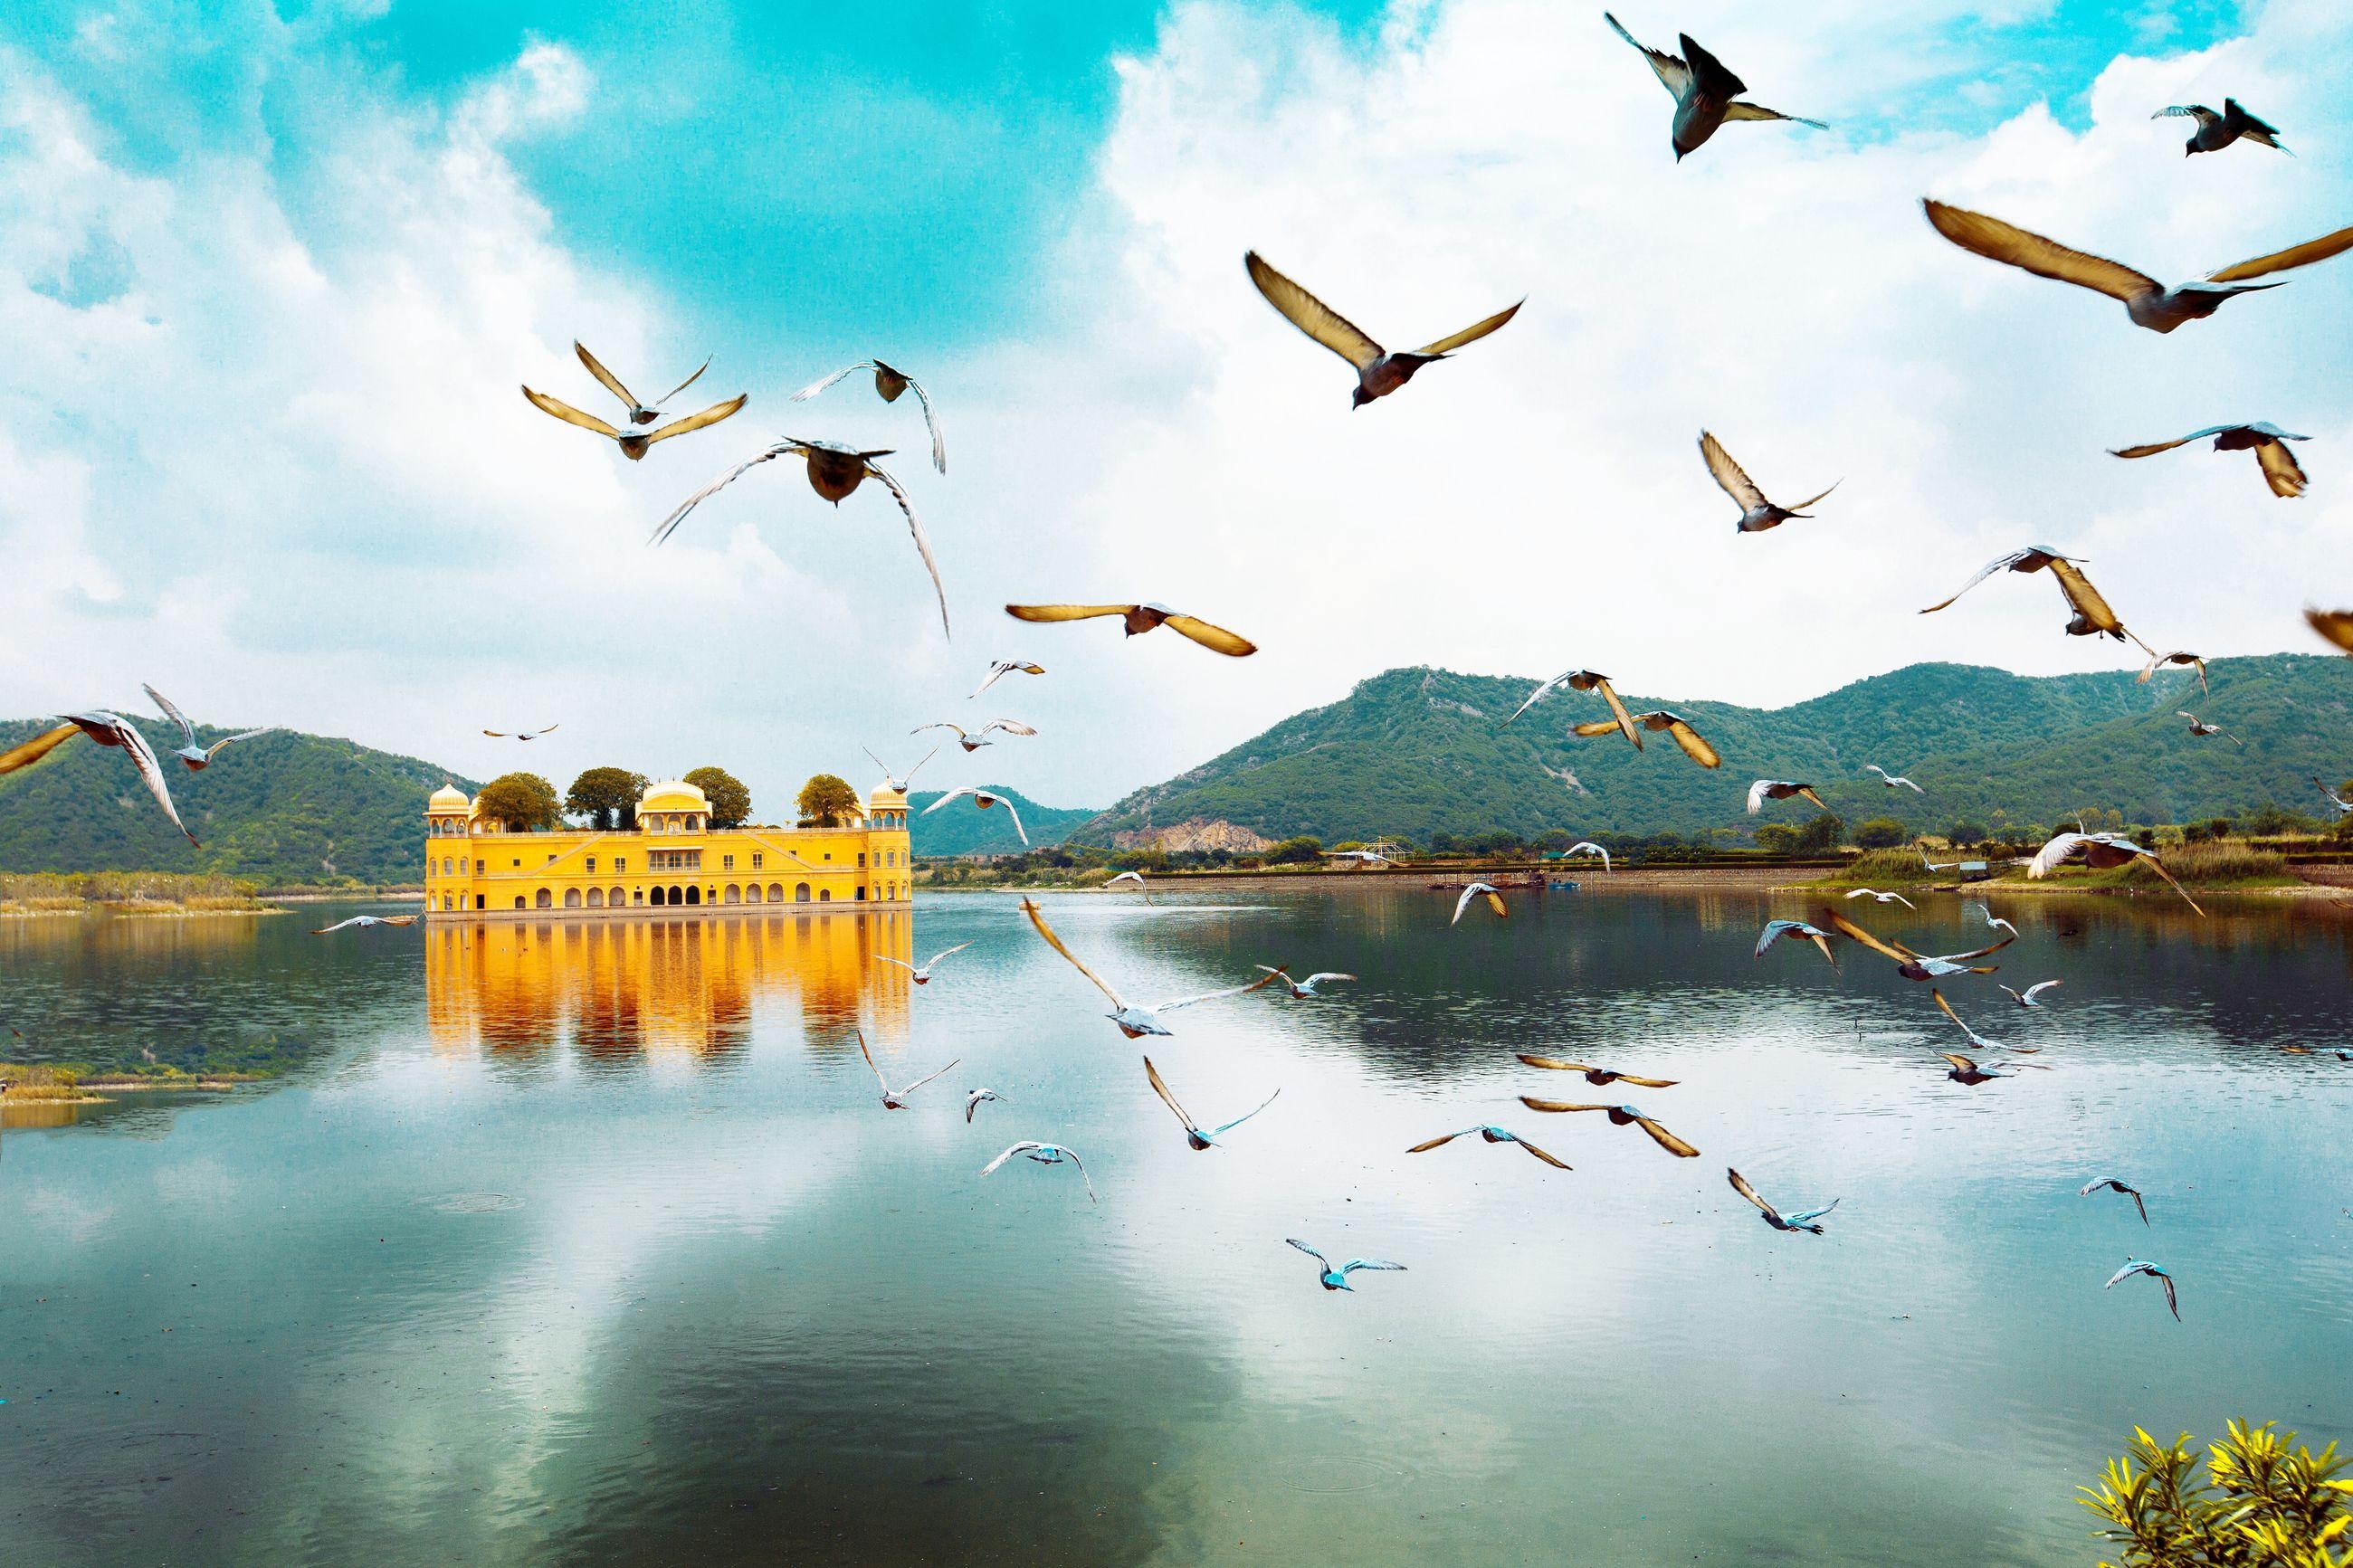 Flock of birds flying over lake against sky